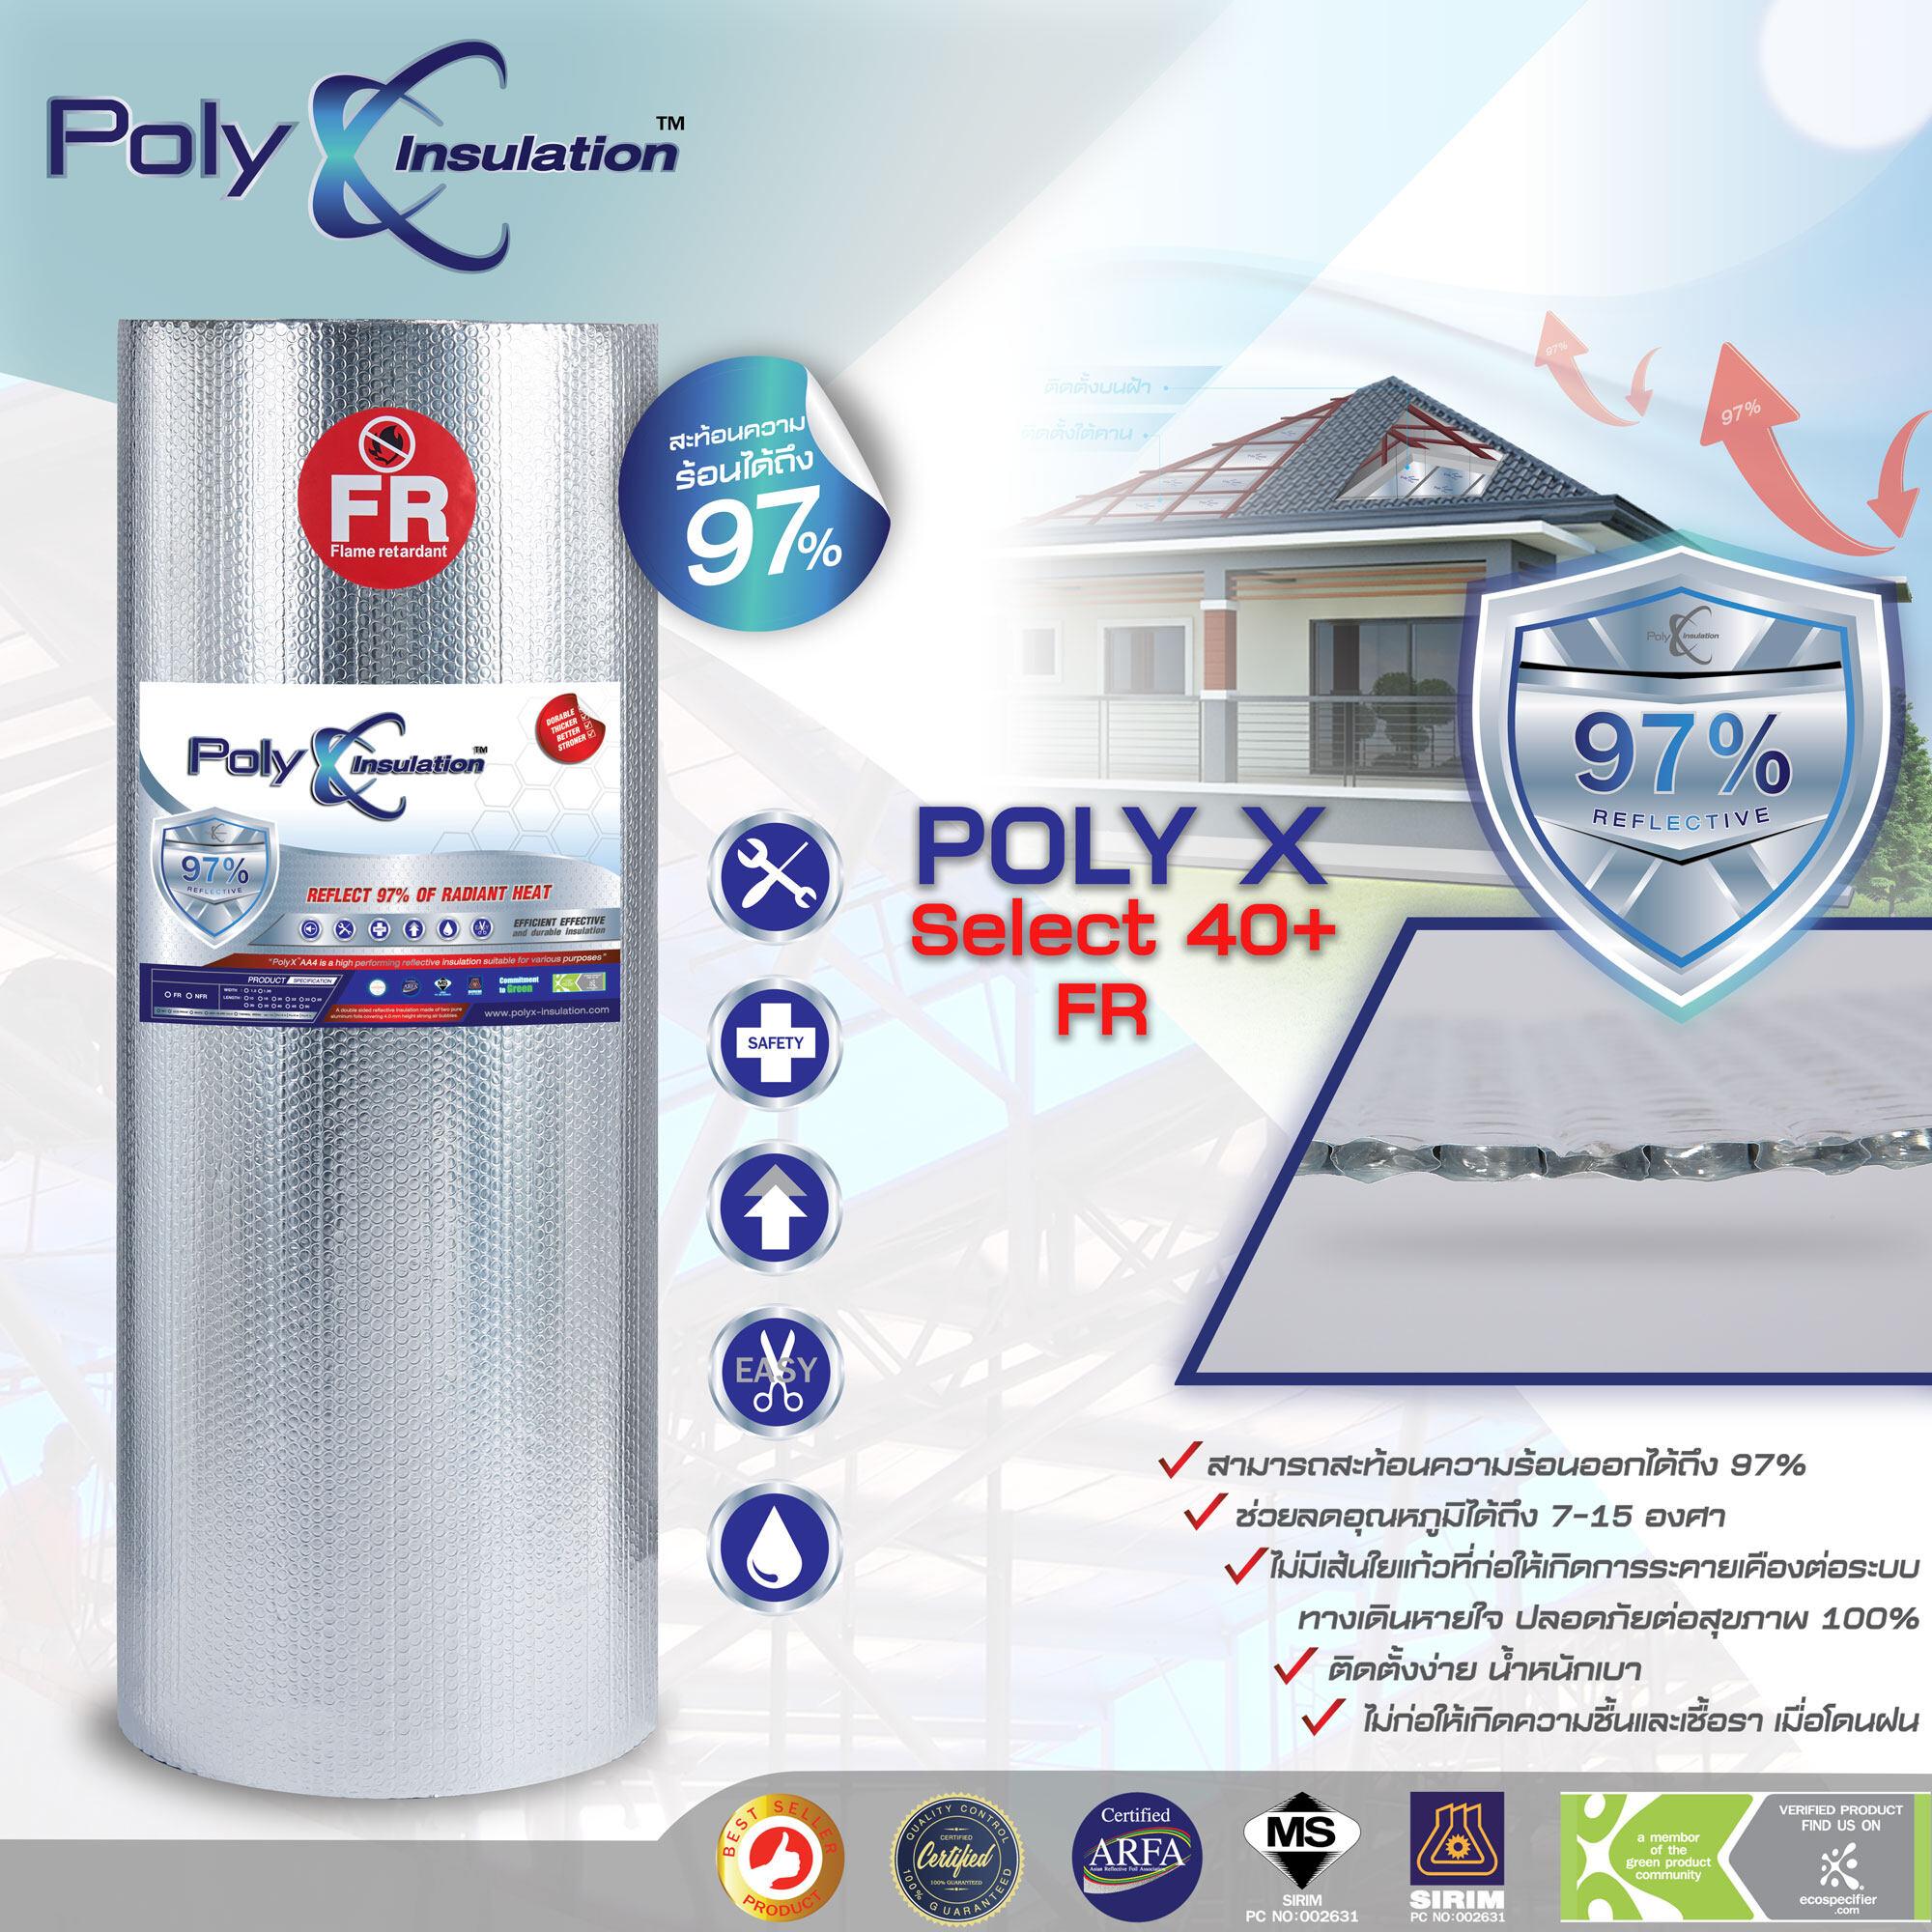 POLY X SL 40 FR คุณภาพส่งออกทั่วโลก !! ฉนวนกันความร้อน สะท้อนความร้อน 97 % 1.20x15m.